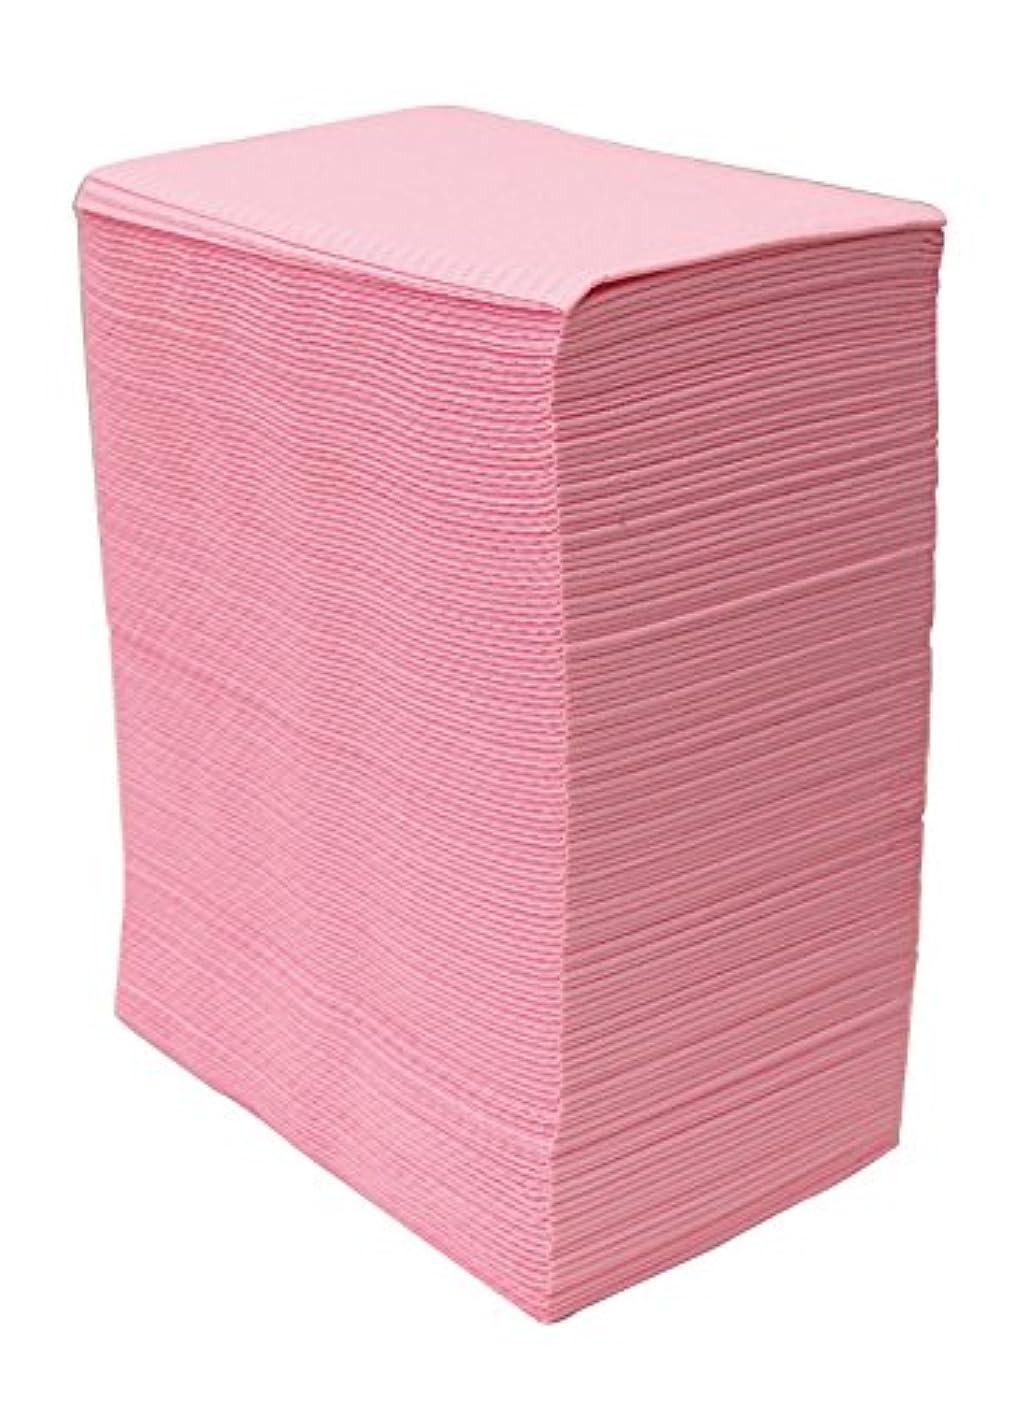 テロリスト降雨混乱【125枚入】ネイルテーブルシート (ピンク) 防水加工 ジェルネイル ネイルペーパー ネイルマット 防水ネイルシート